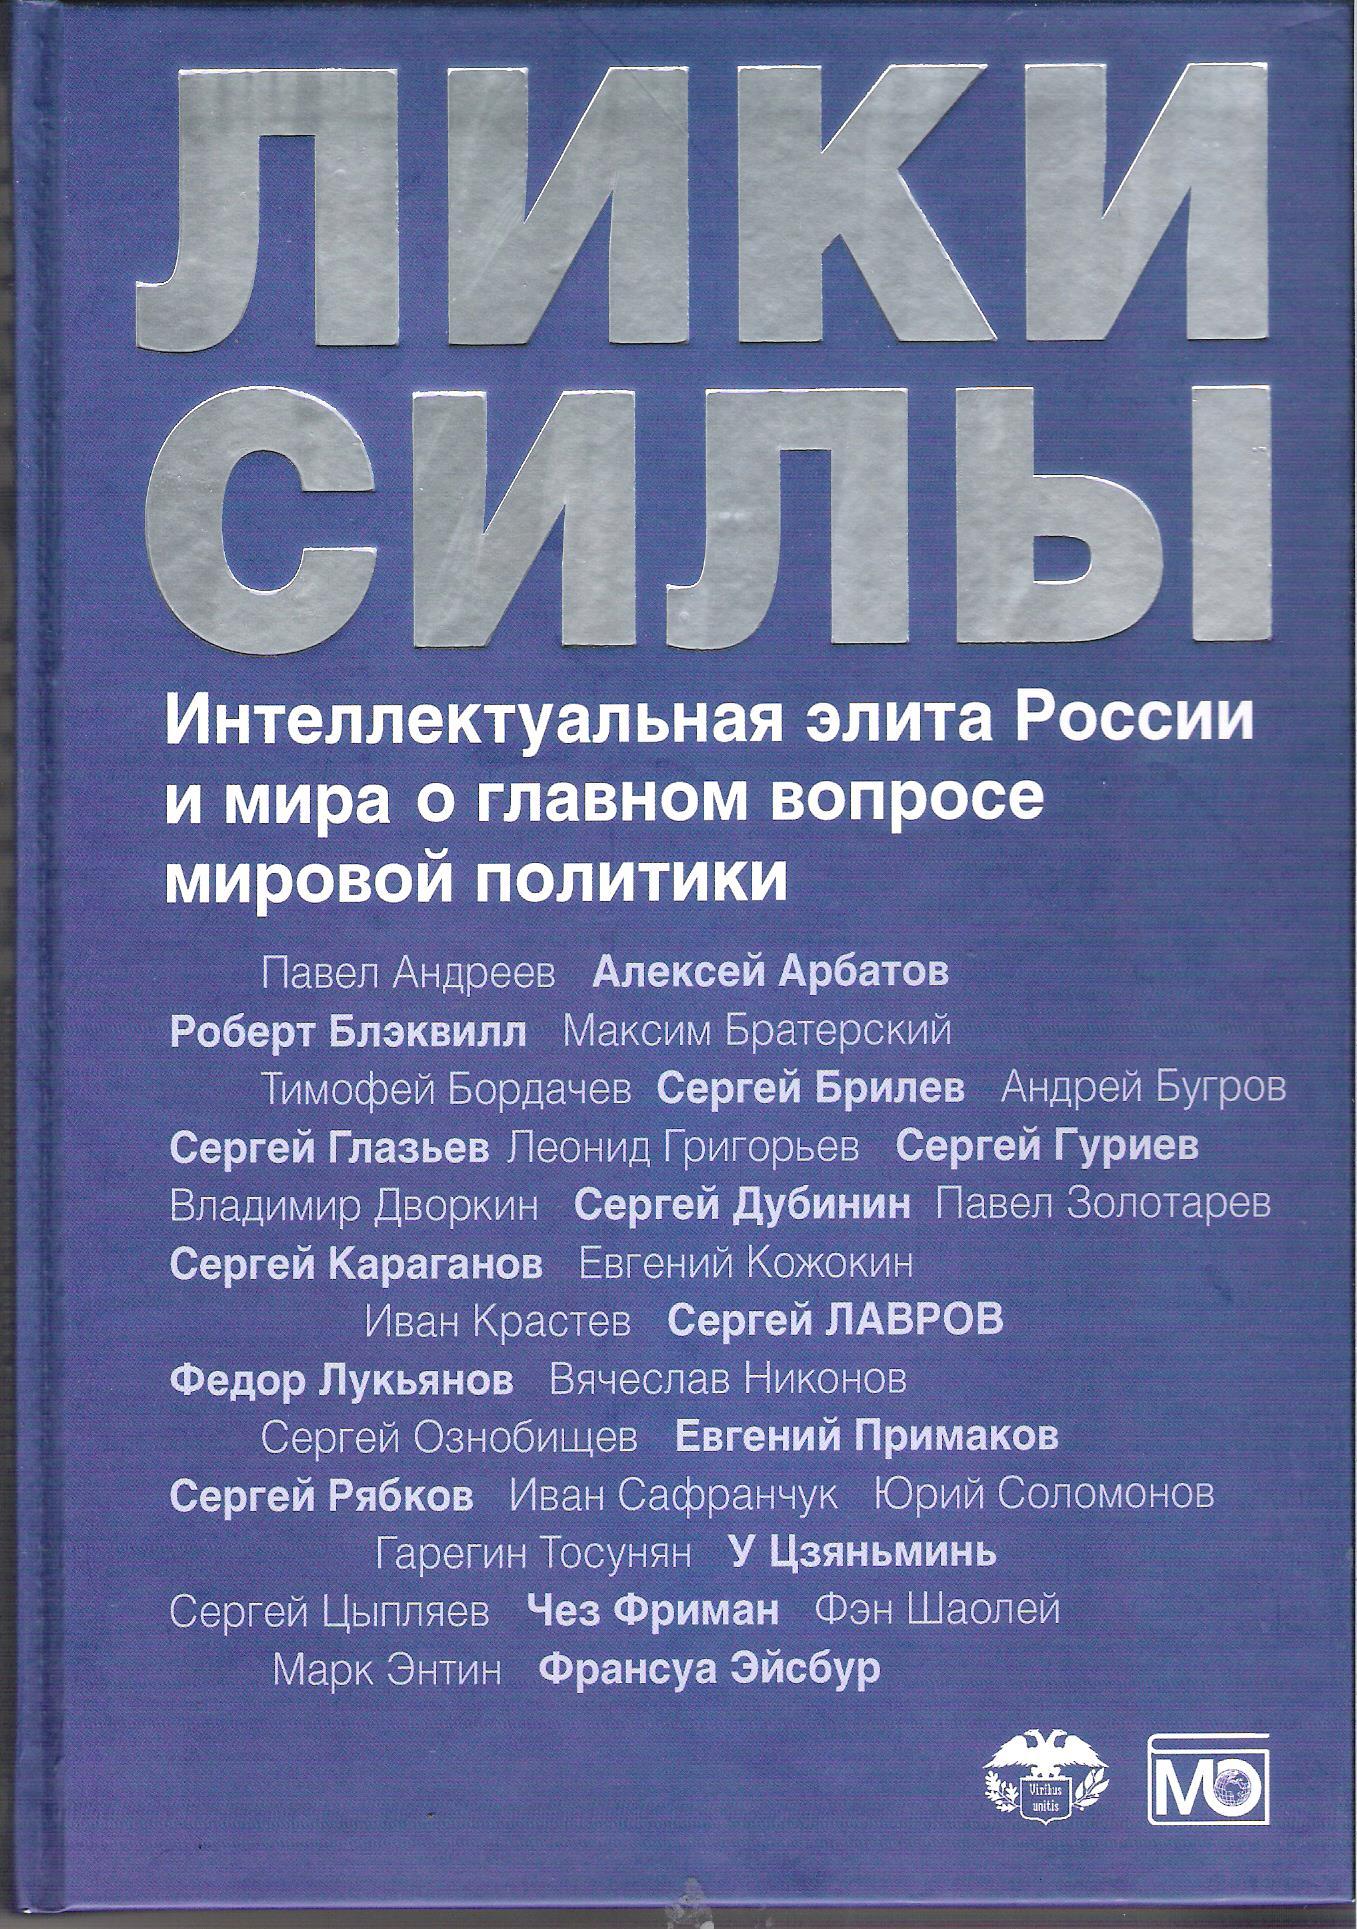 Лики силы: интеллектуальная элита России и мира о главном вопросе мировой политики